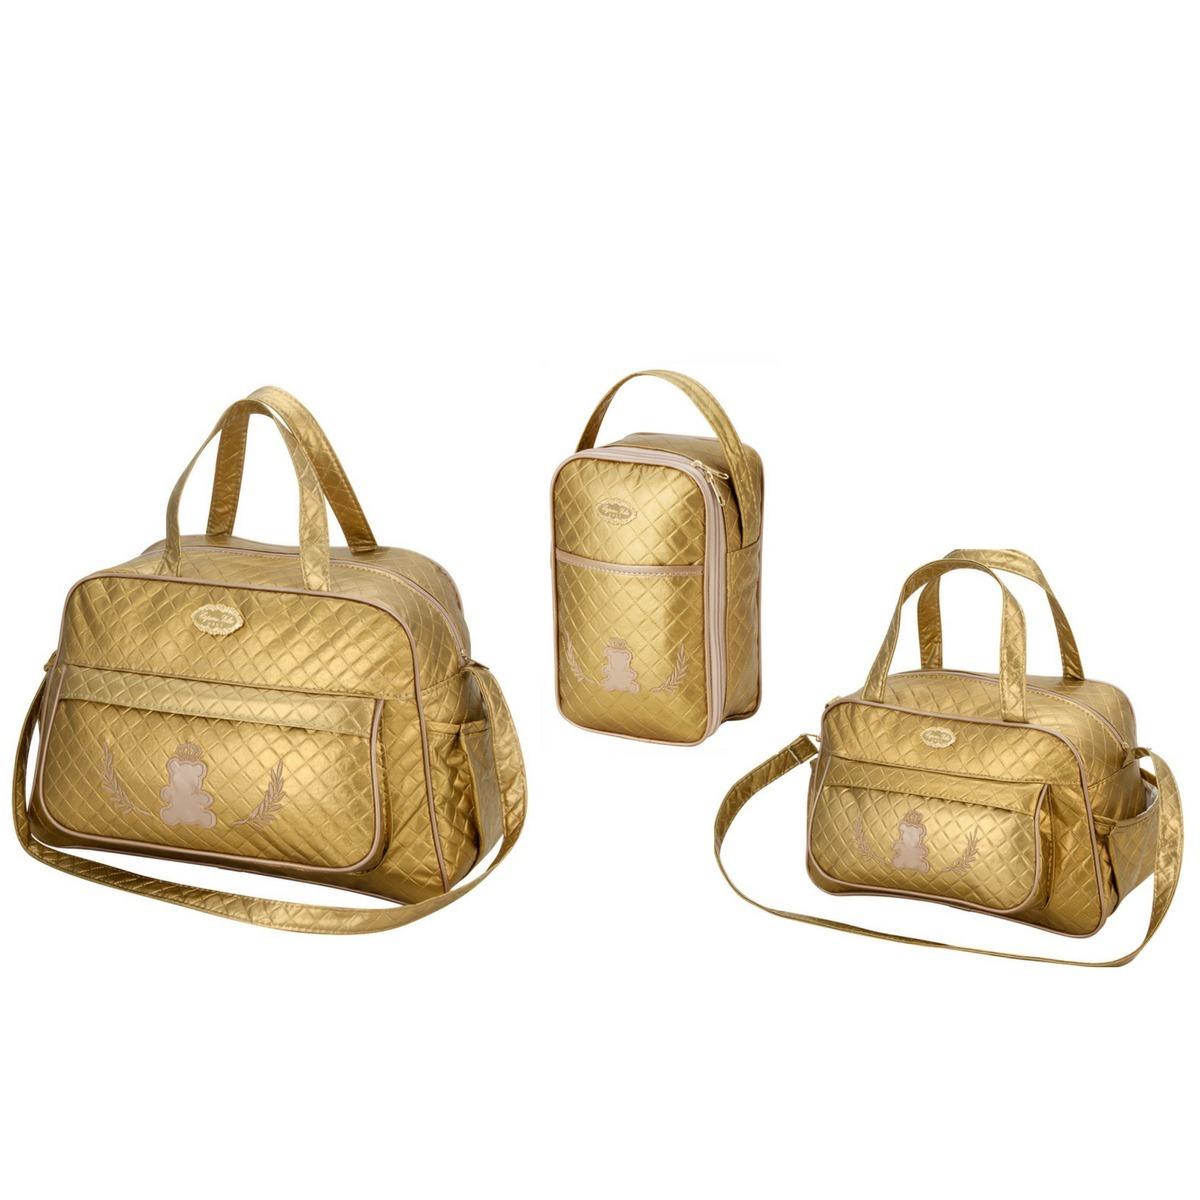 c1e35d1228 kit bolsas bebe maternidade dourada enxoval promoção bl07. Carregando zoom.